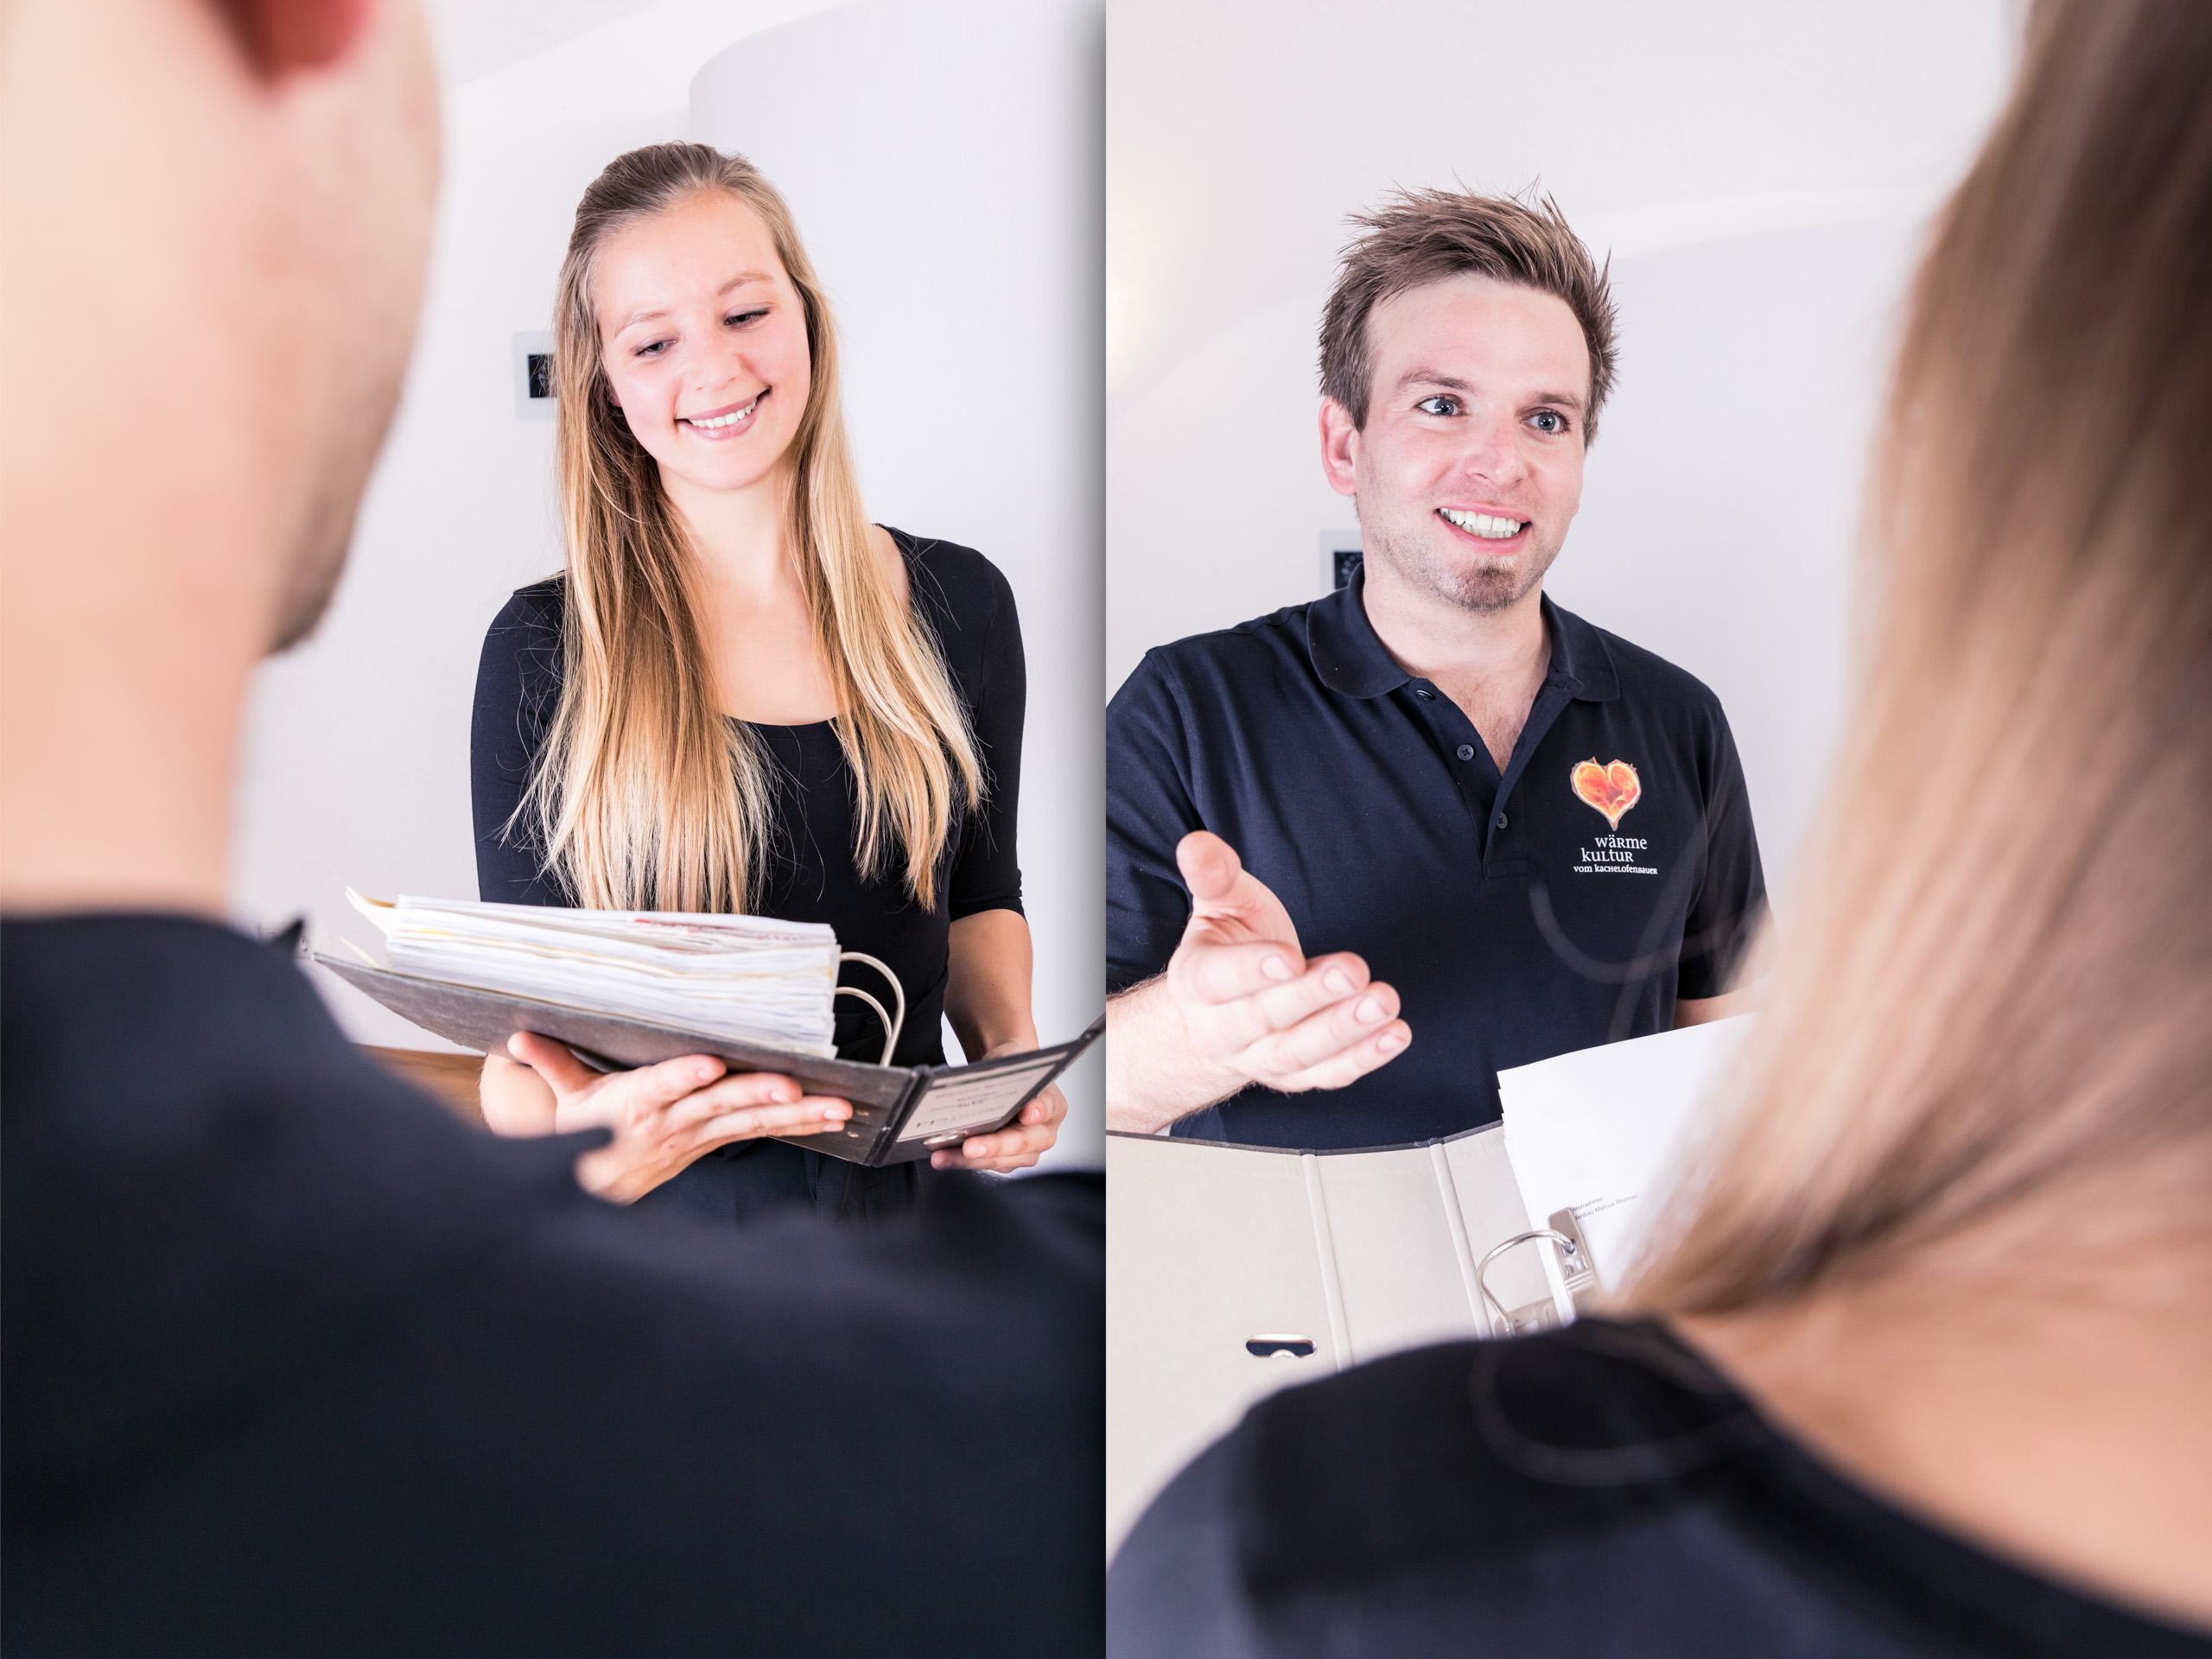 Wärme Kultur Kollegen weiblich und männlich im Gespräche mit Ordner overshoulder Business Portrait